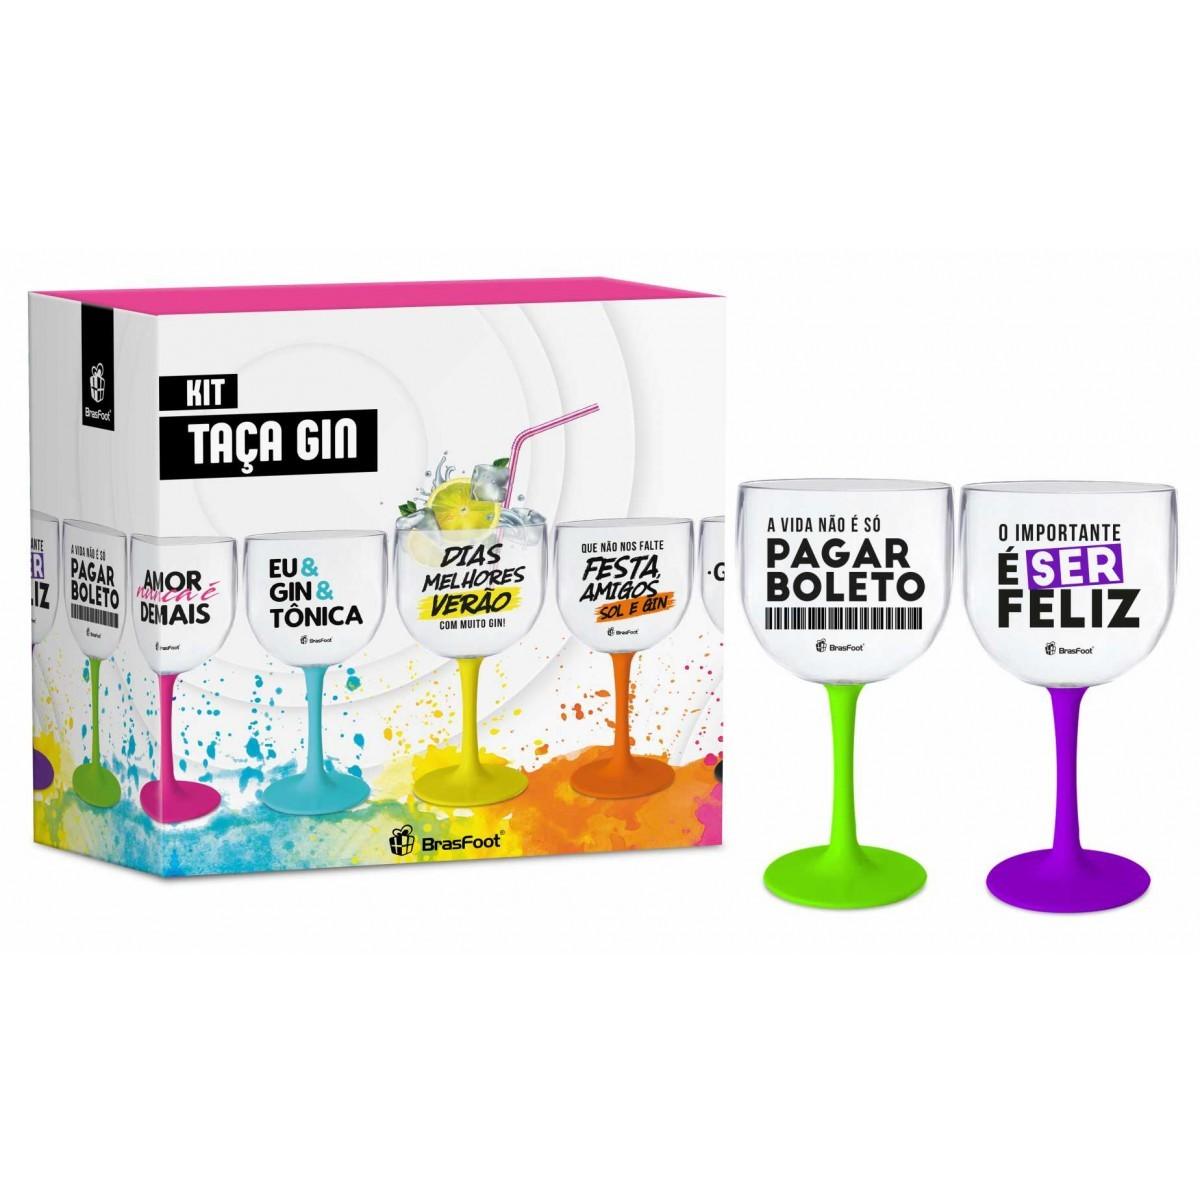 Taça Gin Bicolor - O Importante é Ser Feliz - 2 UN